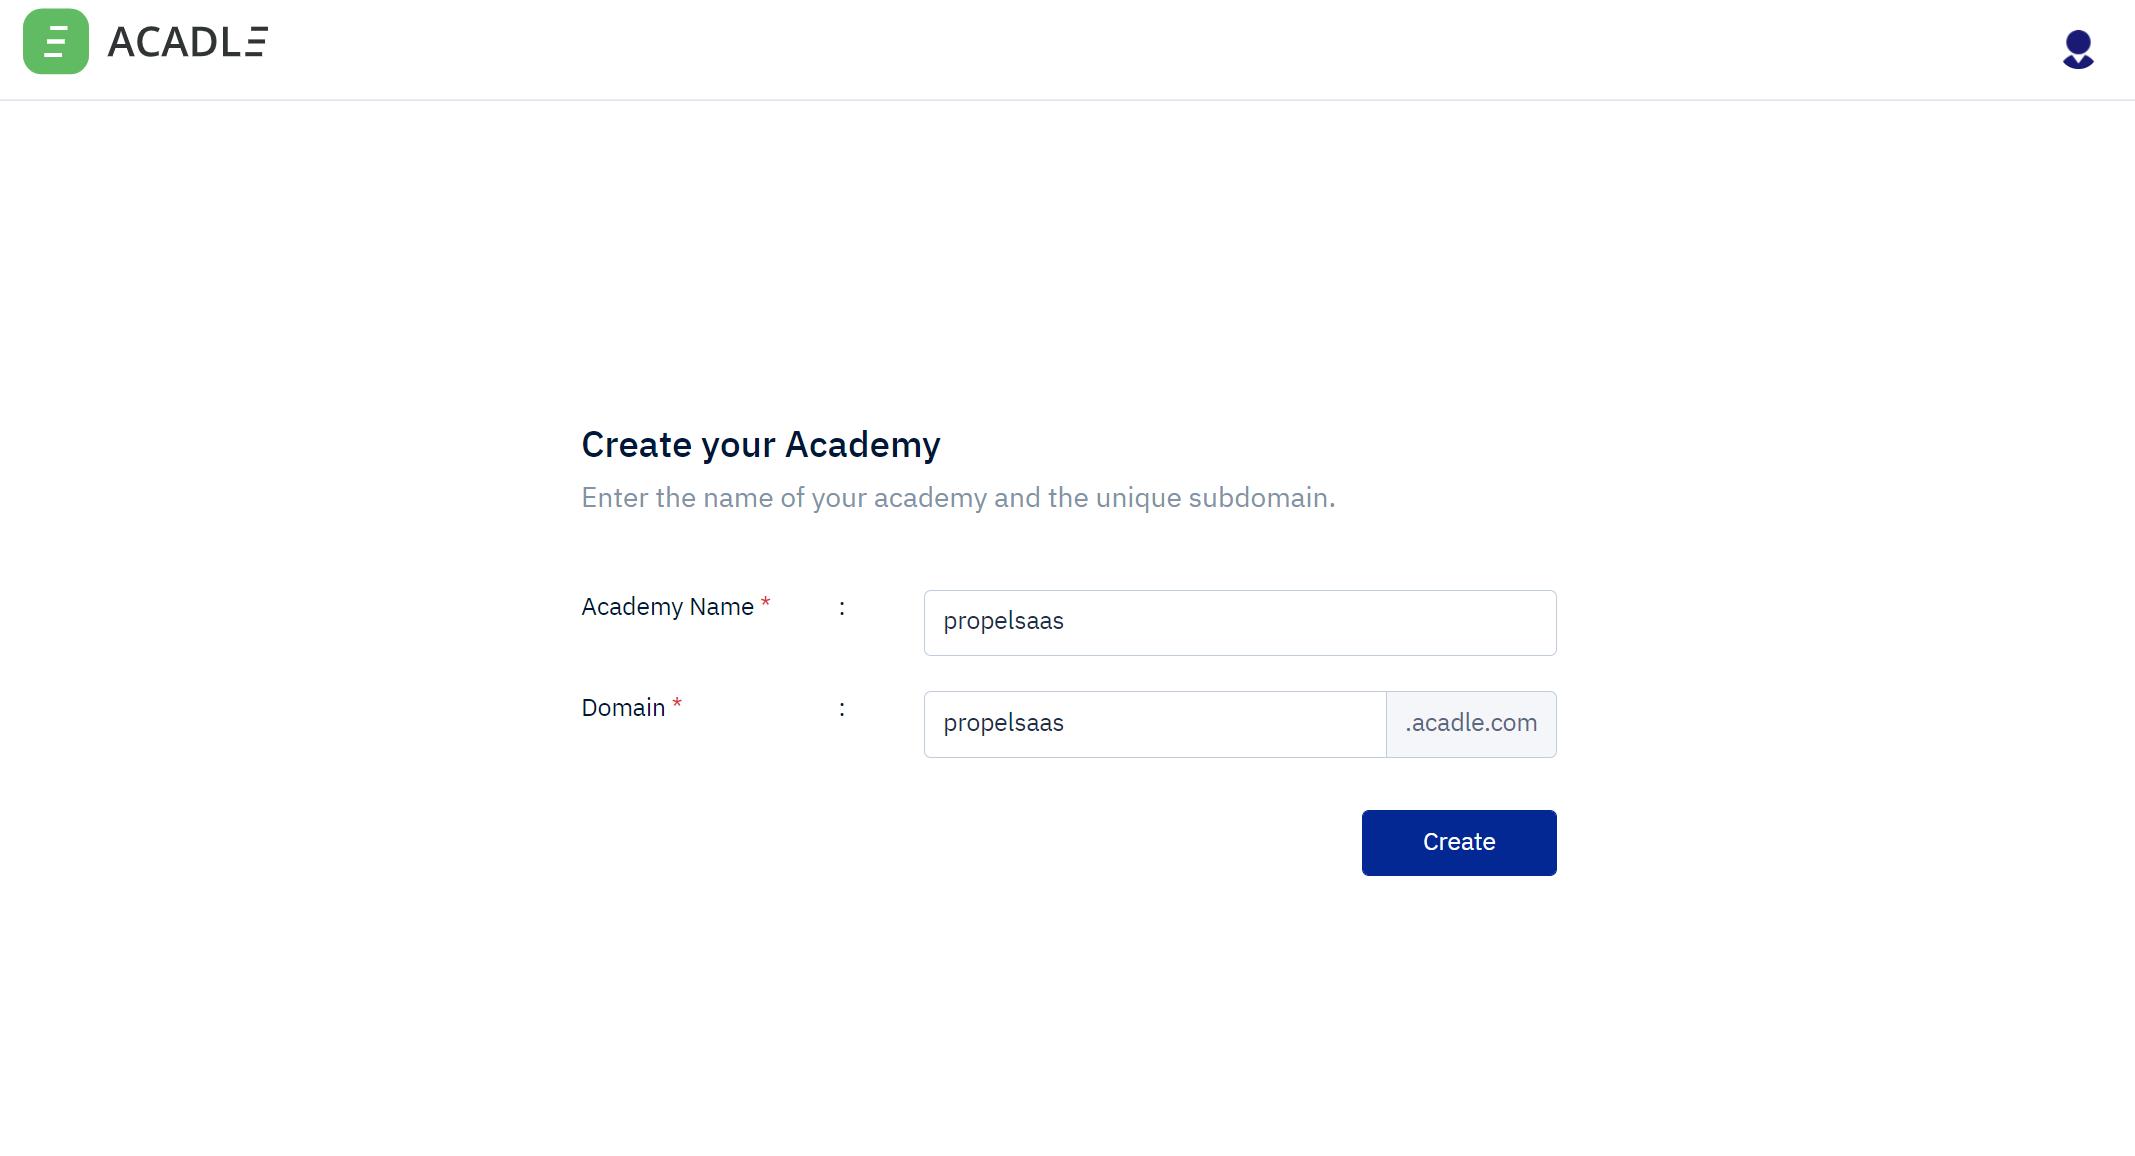 Acadle - Academy setup